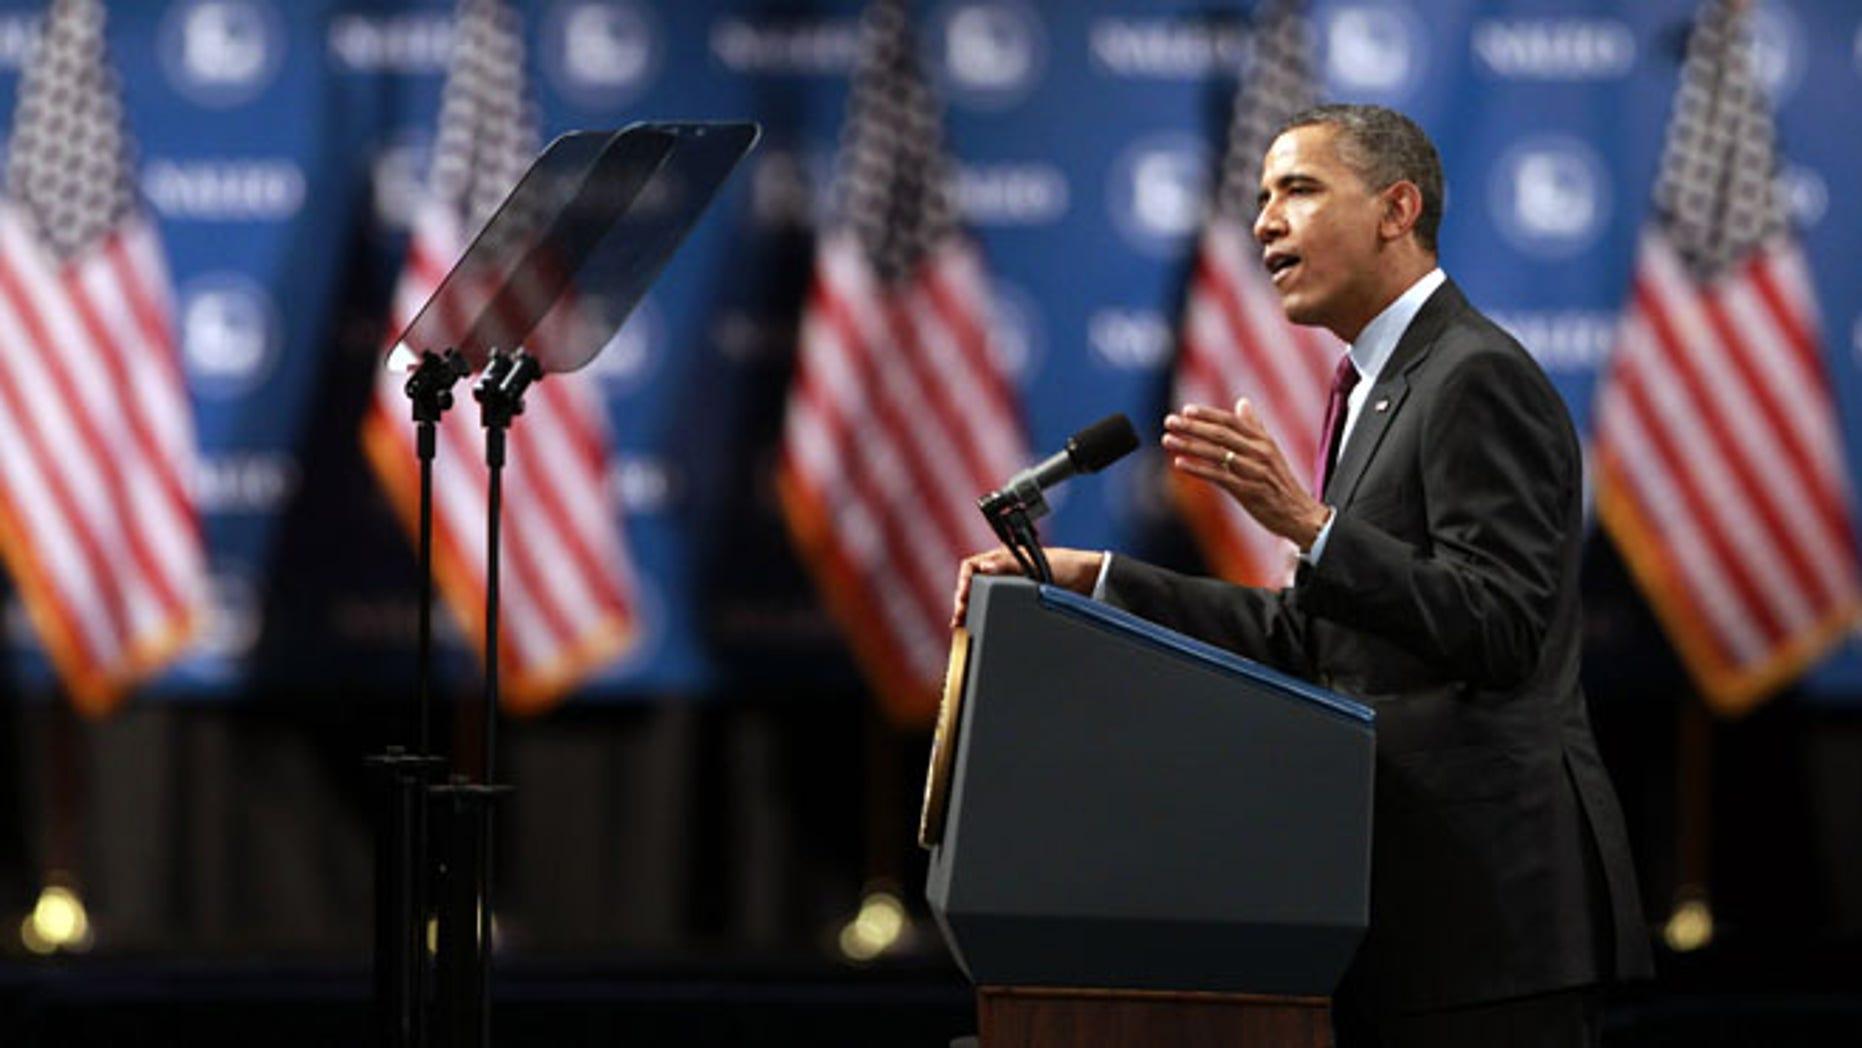 June 22, 2012: President Obama speaks at the NALEO conference in Lake Buena Vista, Fla.